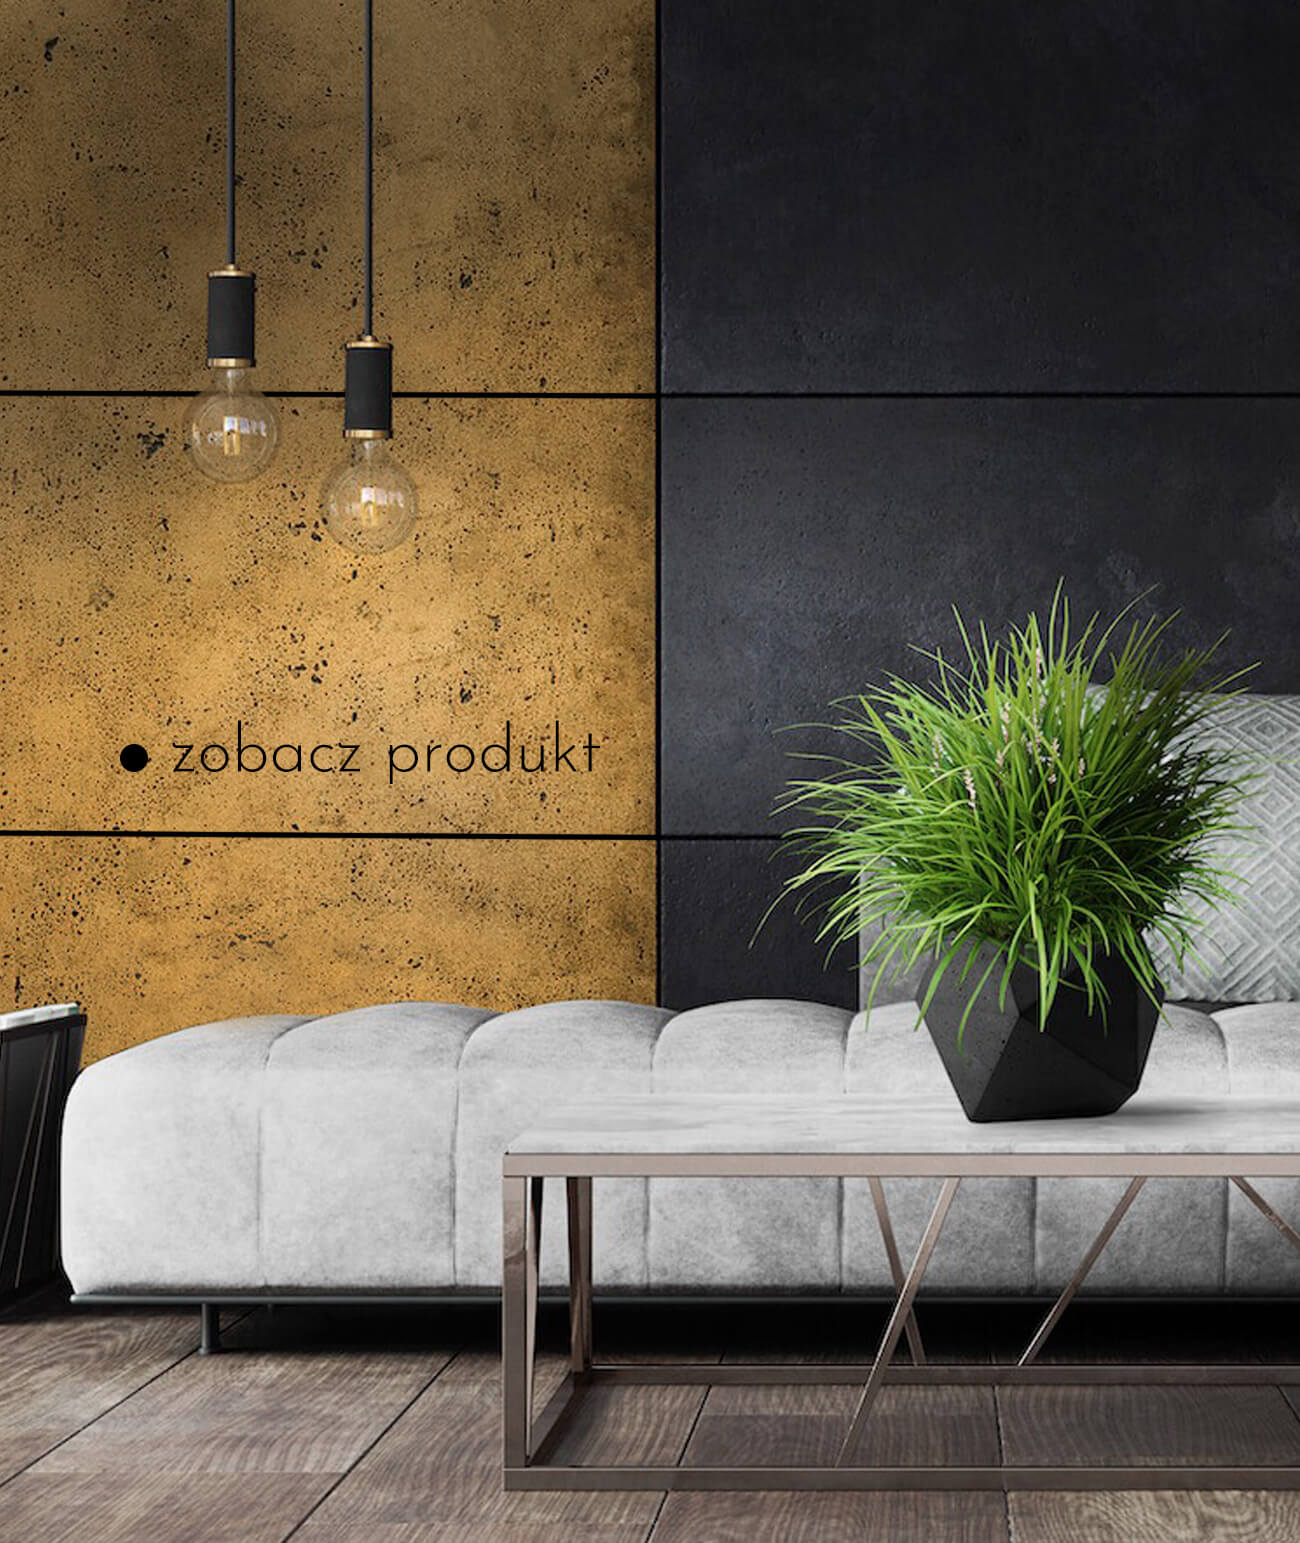 plyty-betonowe-scienne-i-elewacyjne-beton-architektoniczny_550-3502-plyta-beton-architektoniczny-8-mm-air-pokryta-mosiadzem